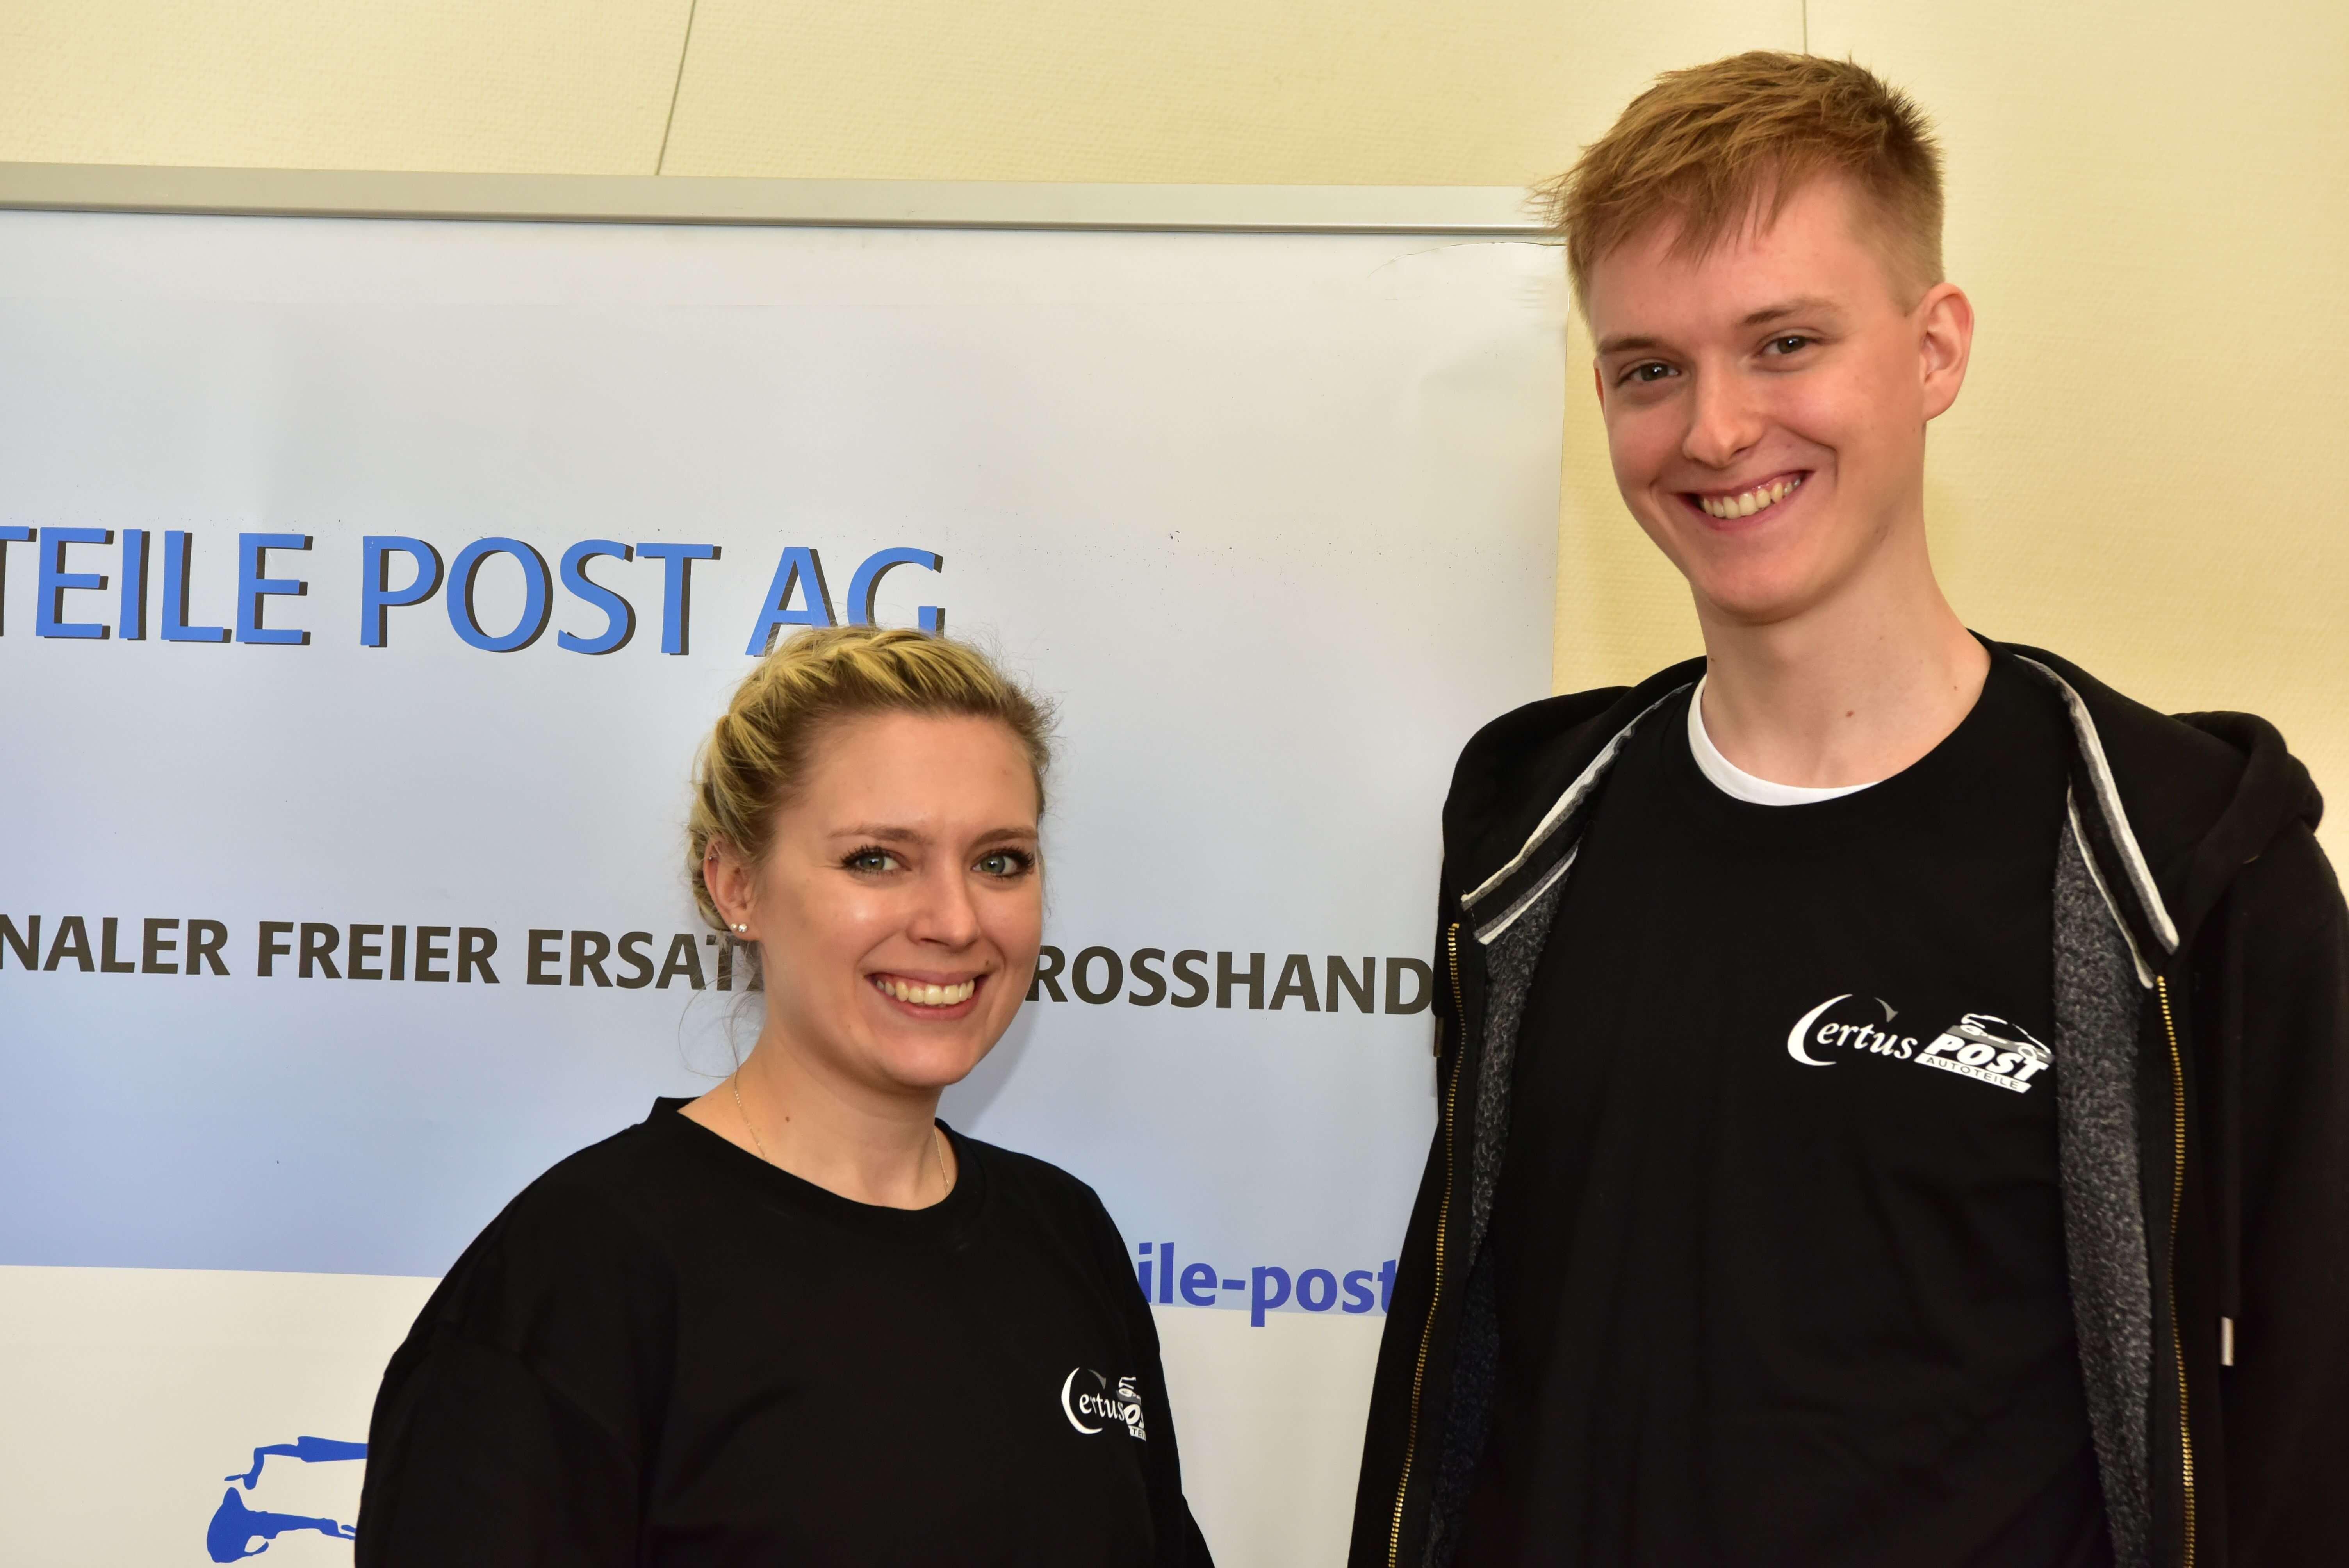 Autoteile Post AG bei der Berufsmesse in Mönchengladbach